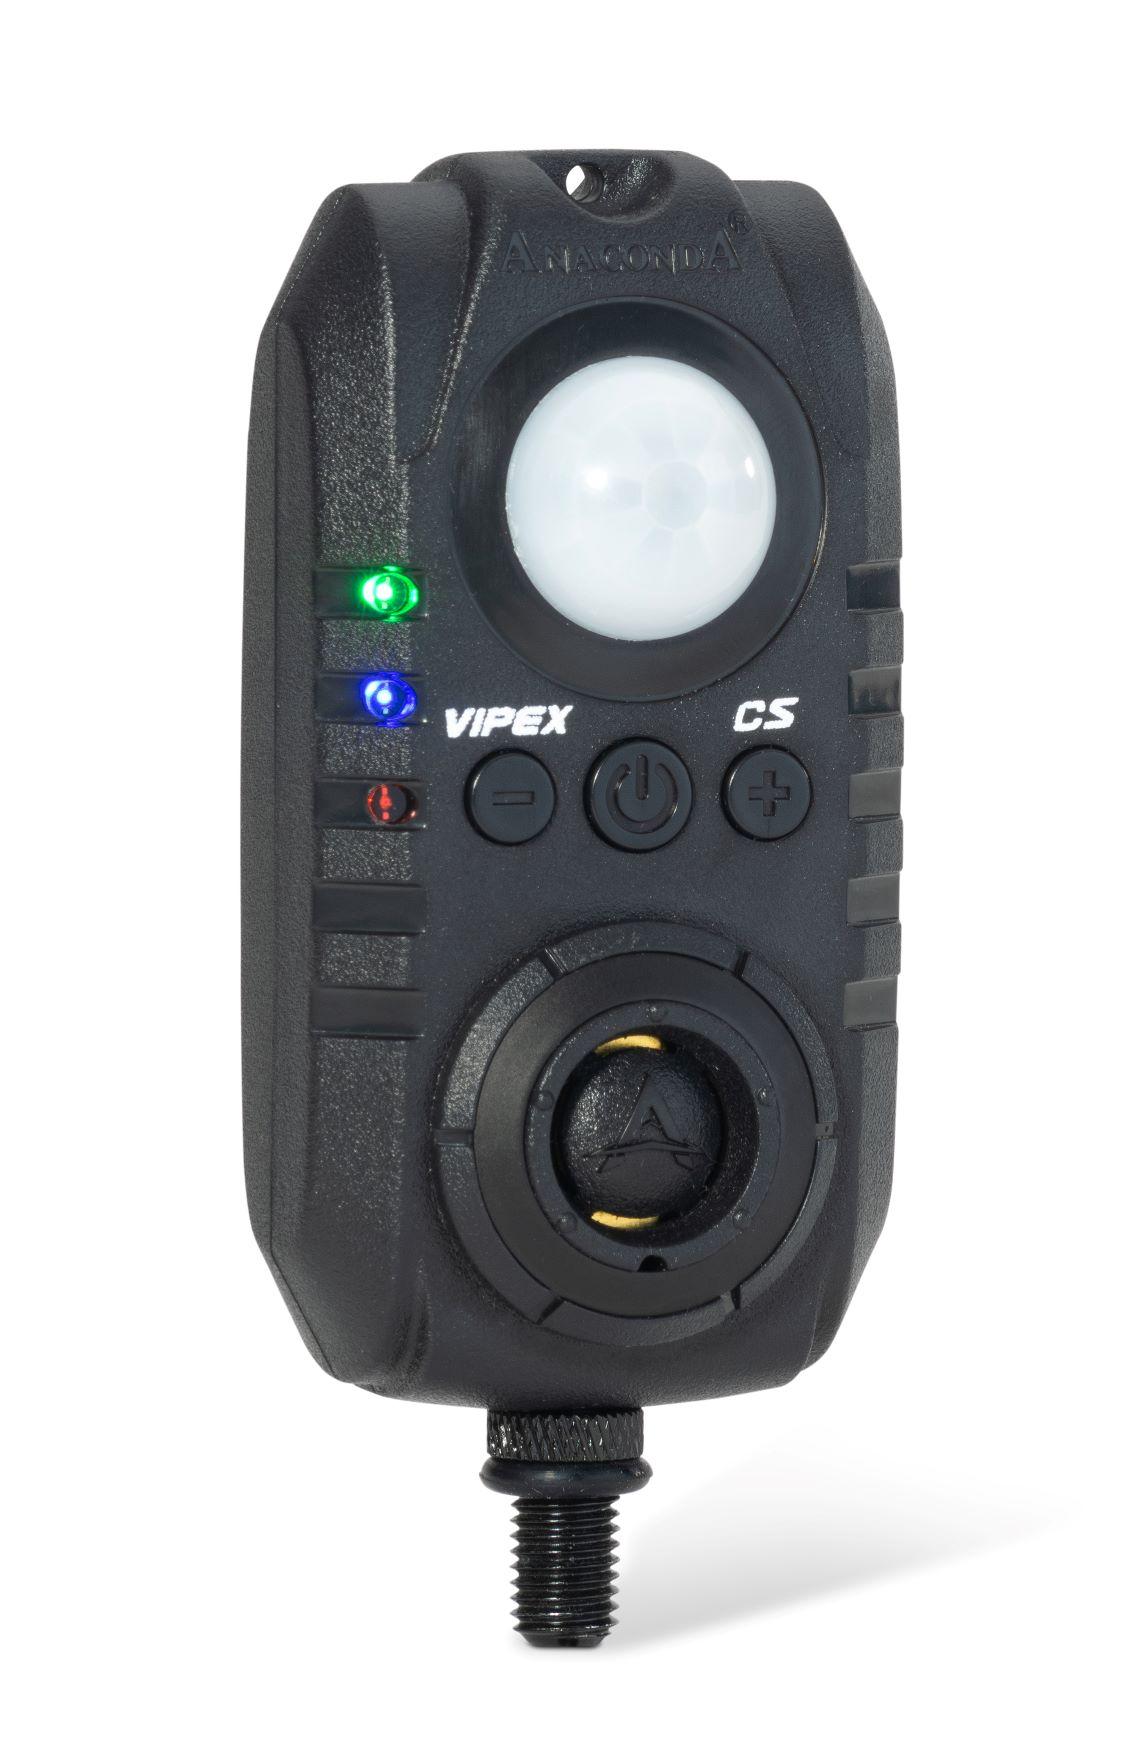 Anaconda sada 2 hlásičů s příposlechem, čidlem pohybu, světlem a dálkovým ovládáním Vipex RS profi set (červená, zelená)